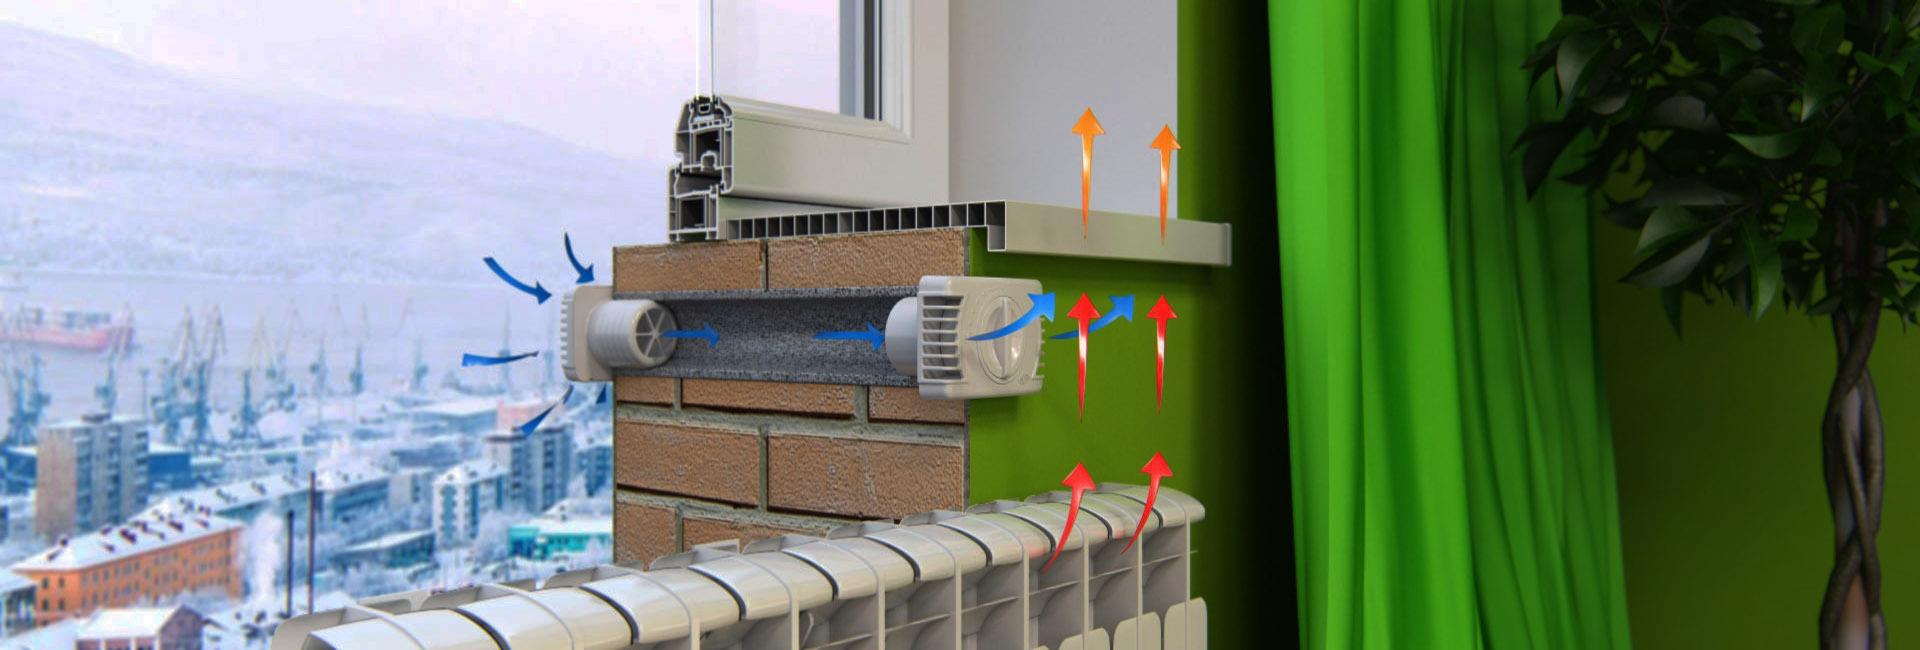 Естественная приточная вентиляция - приточный клапан